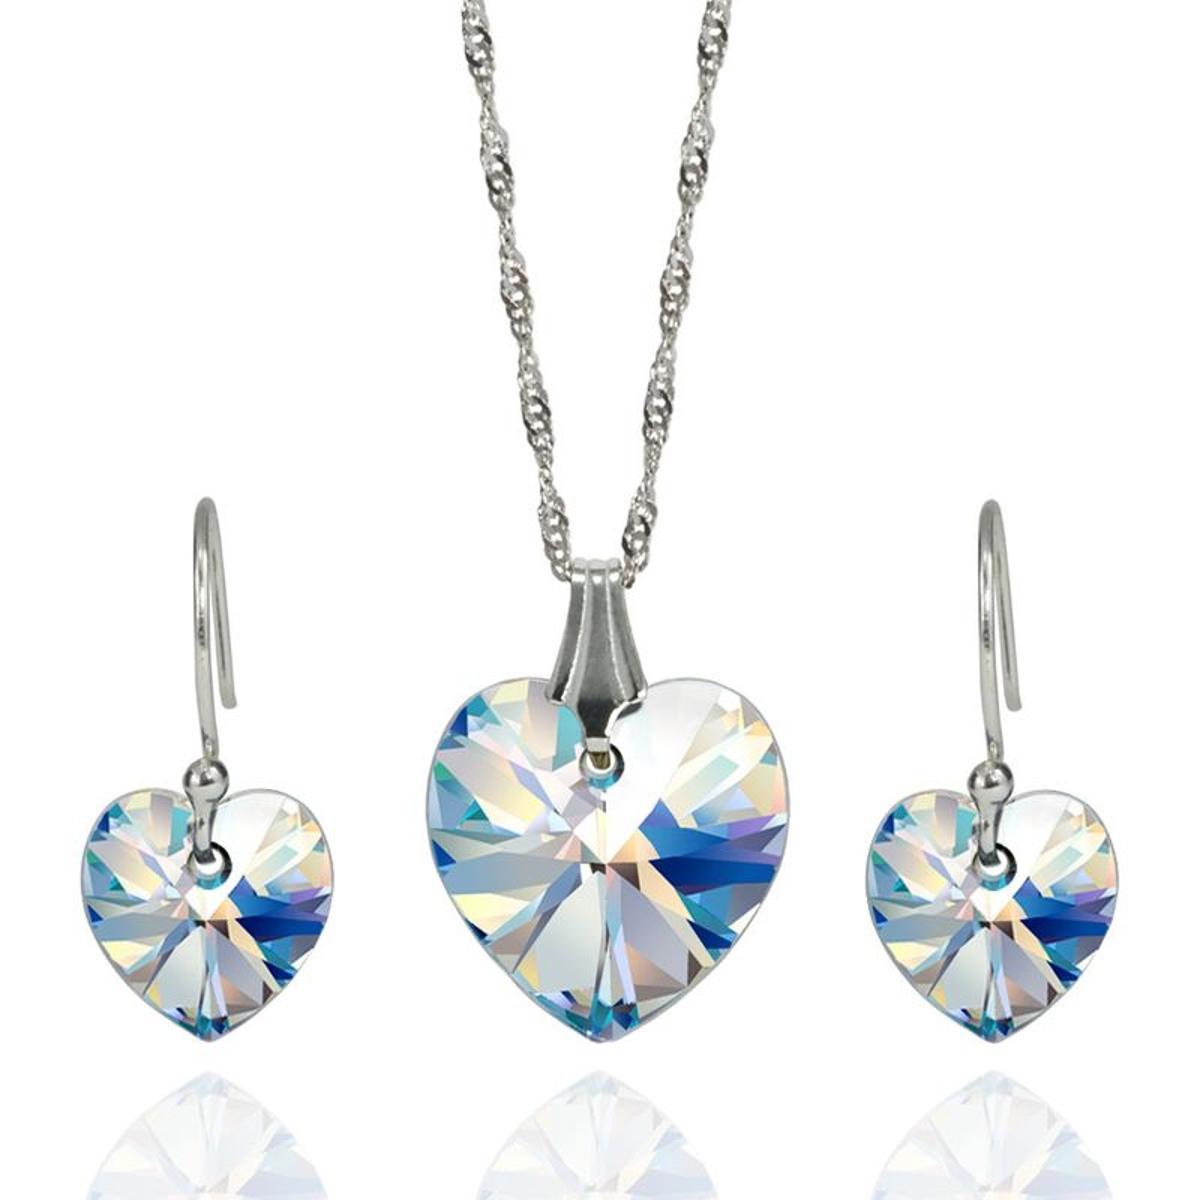 Parure cristal et argent 925 COEUR ROMANCE made in France